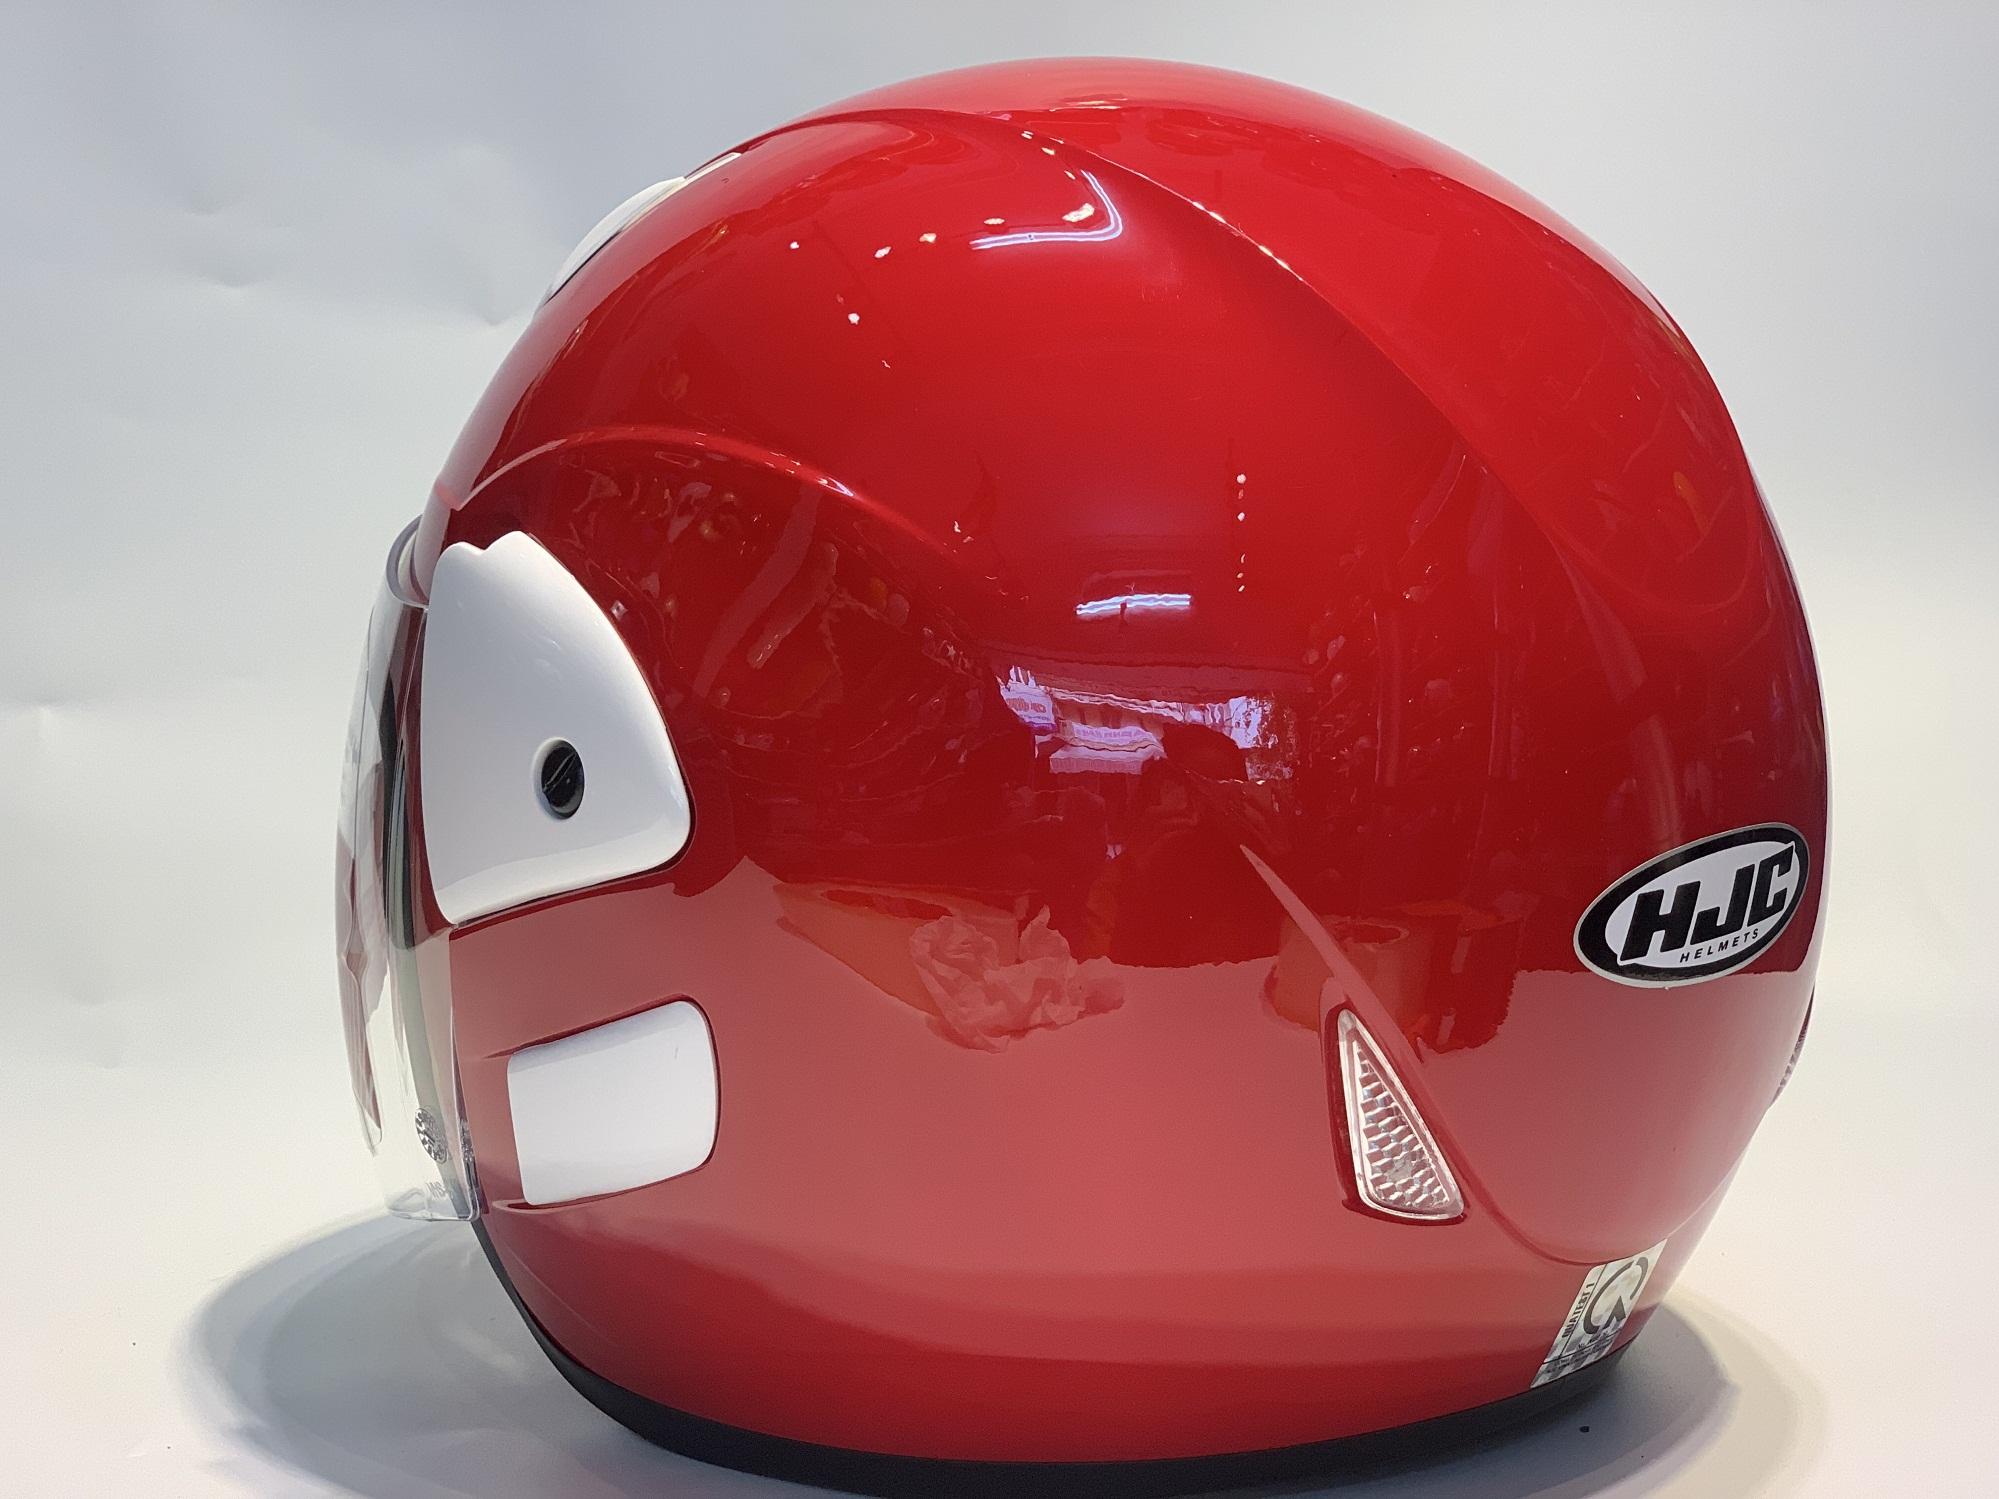 Mũ Bảo Hiểm Trùm Đầu Có Kính HJC VO20 Đỏ Bóng